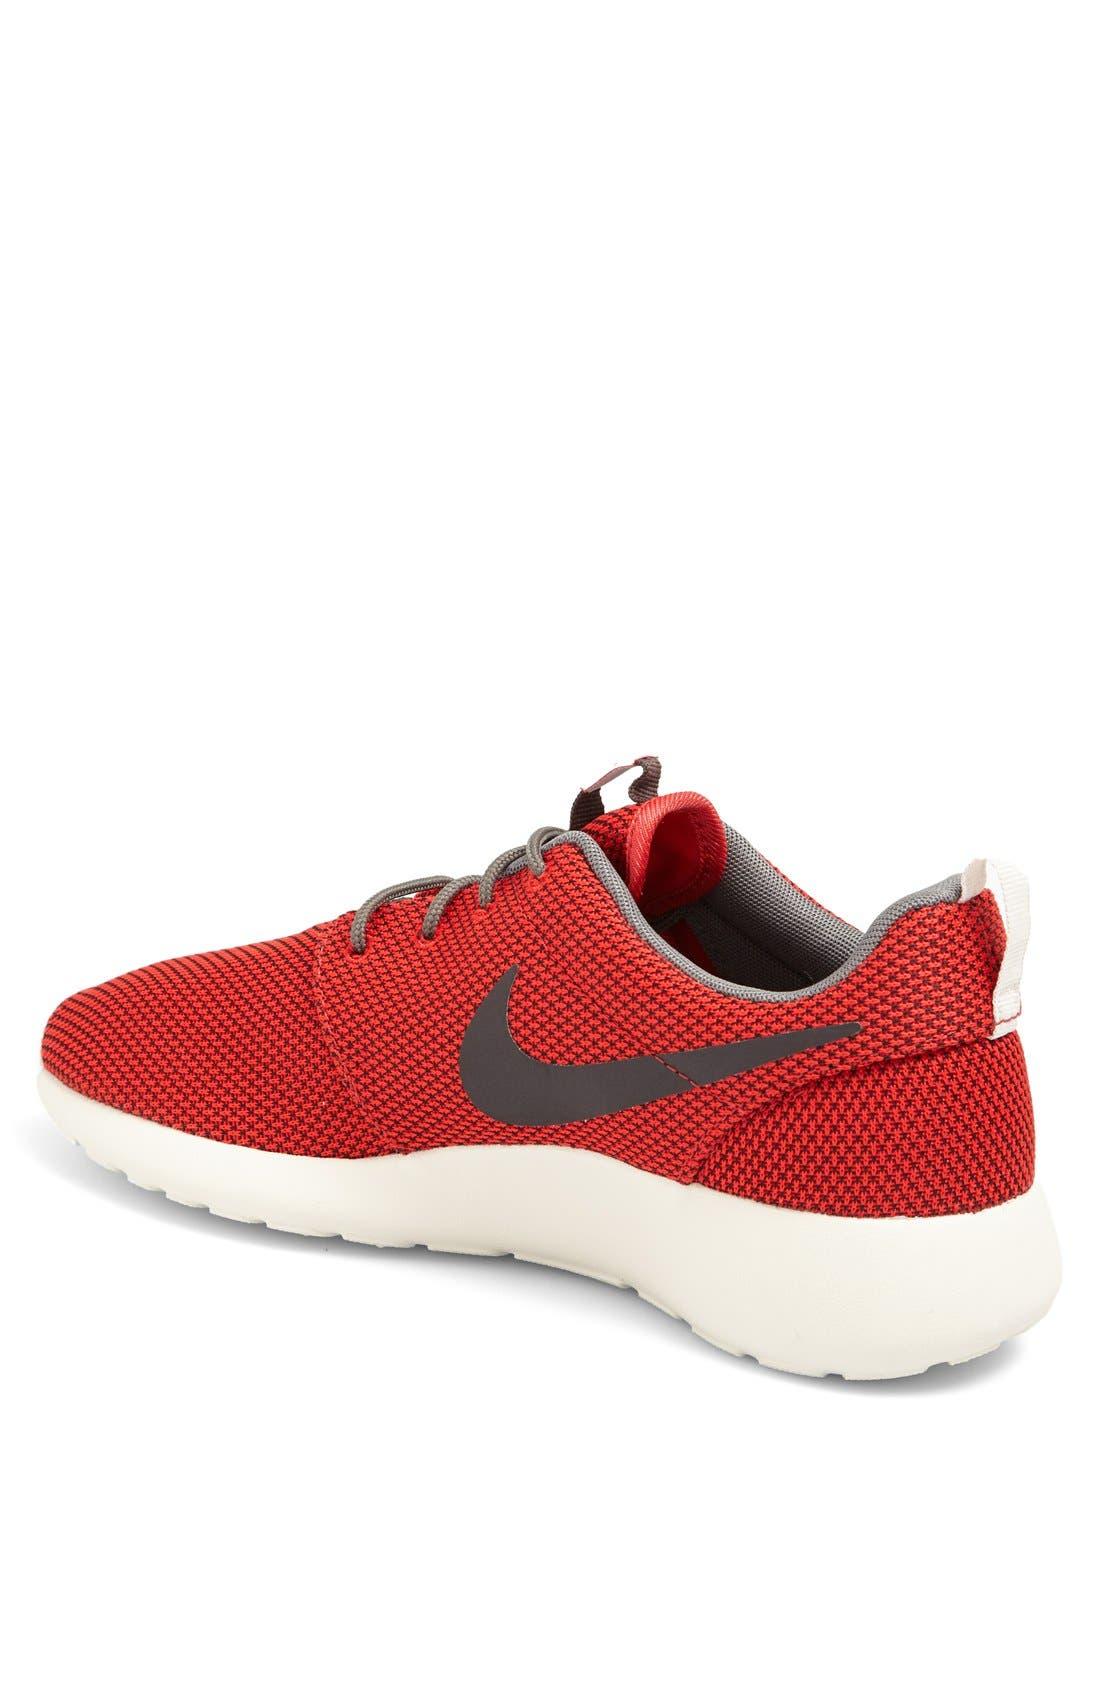 ,                             'Roshe Run' Sneaker,                             Alternate thumbnail 136, color,                             622